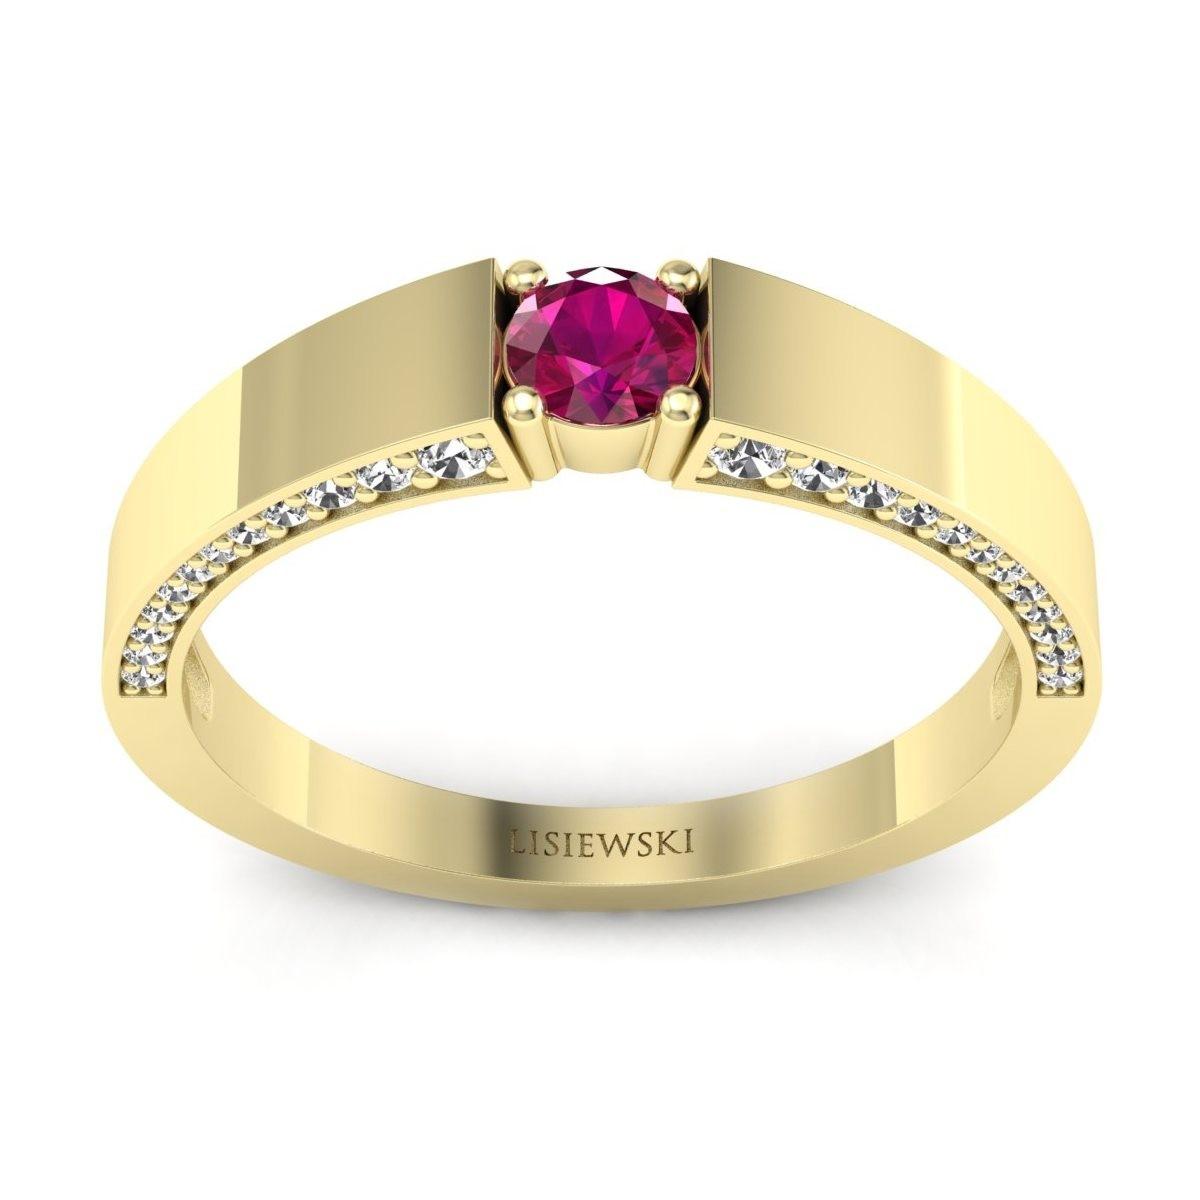 Verona - Pierścionek złoty z rubinem i diamentami